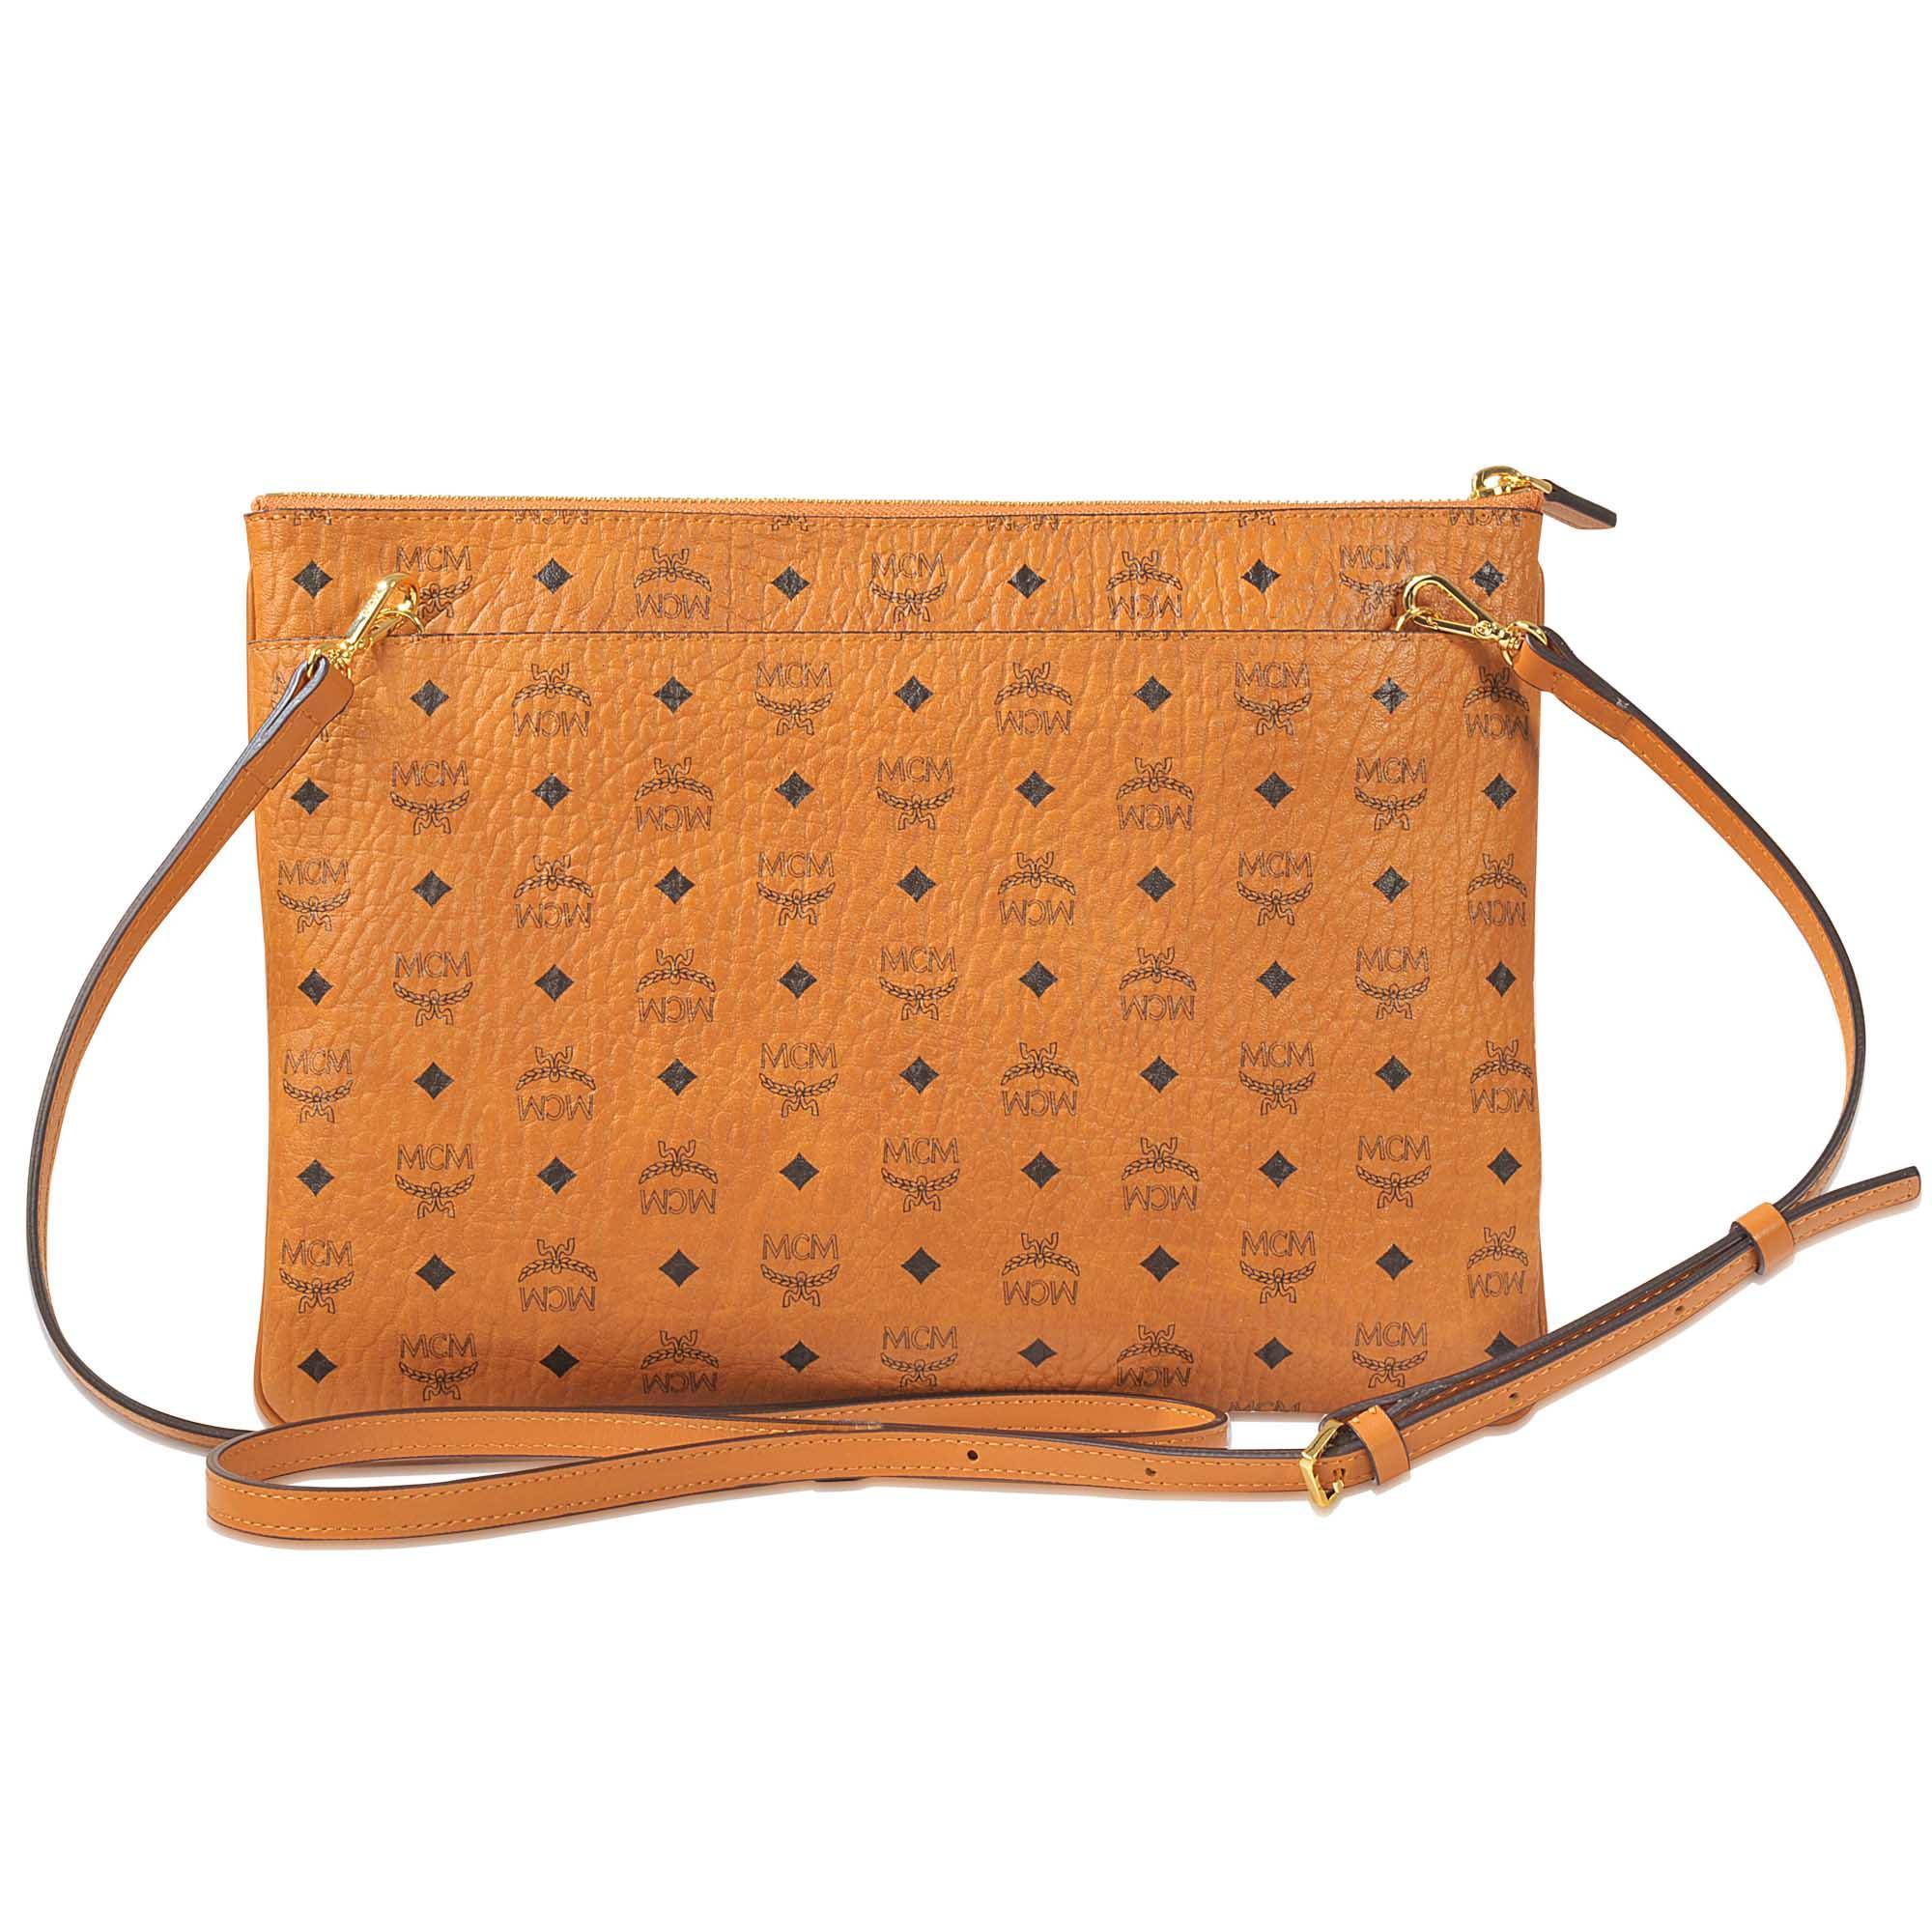 MCM Rabbit Medium Crossbody Bag